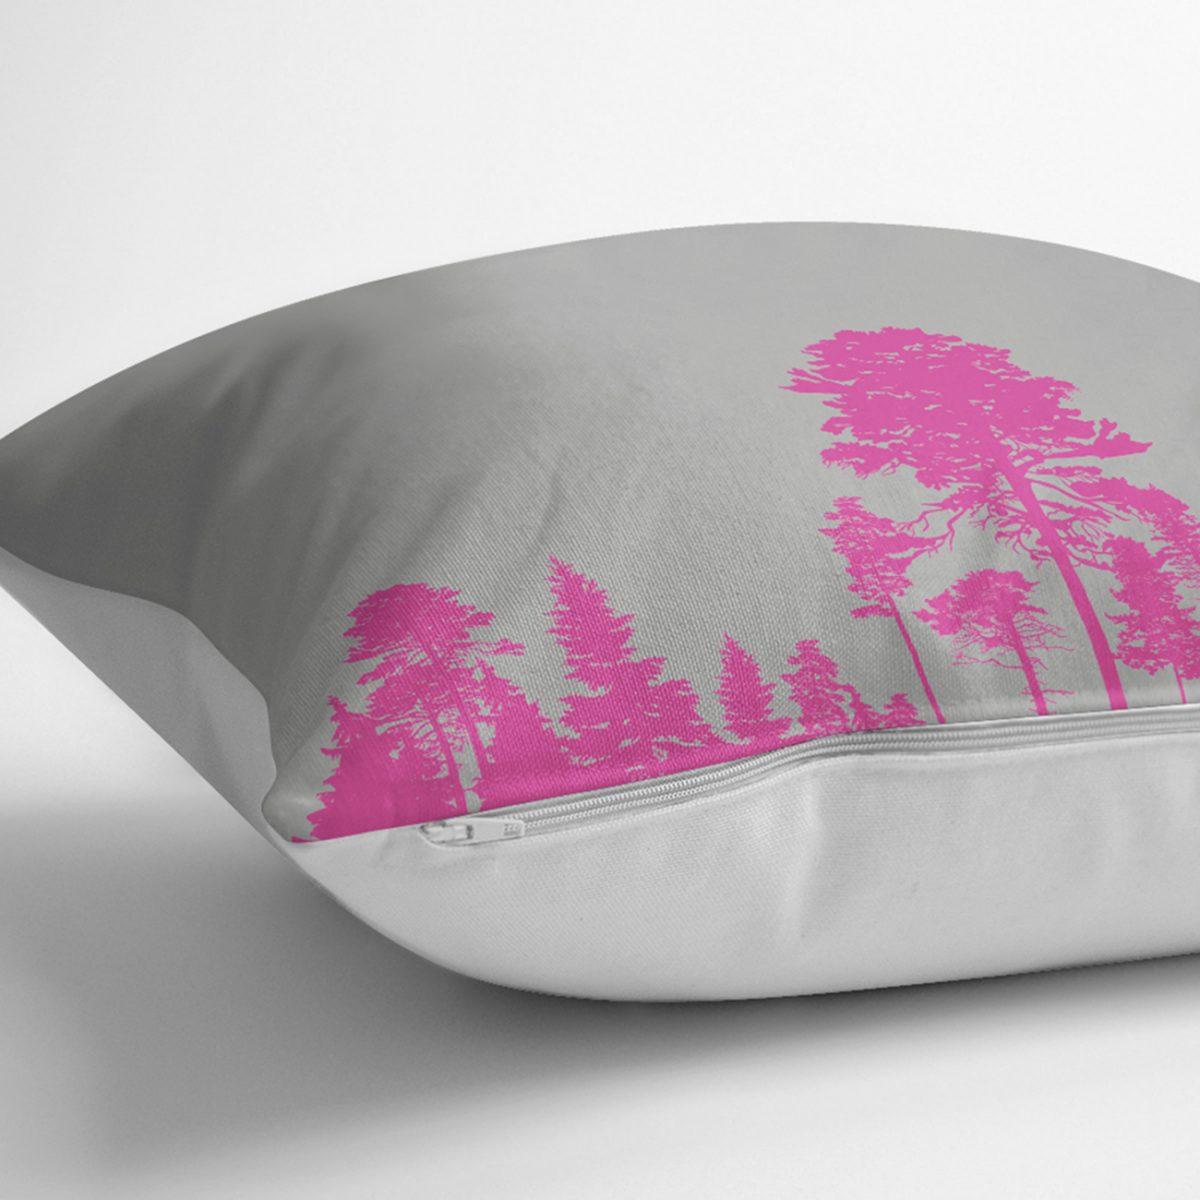 RealHomes Gri Zeminde Fuşya Ağaç Tasarımlı Dekoratif Yastık Kılıfı Realhomes